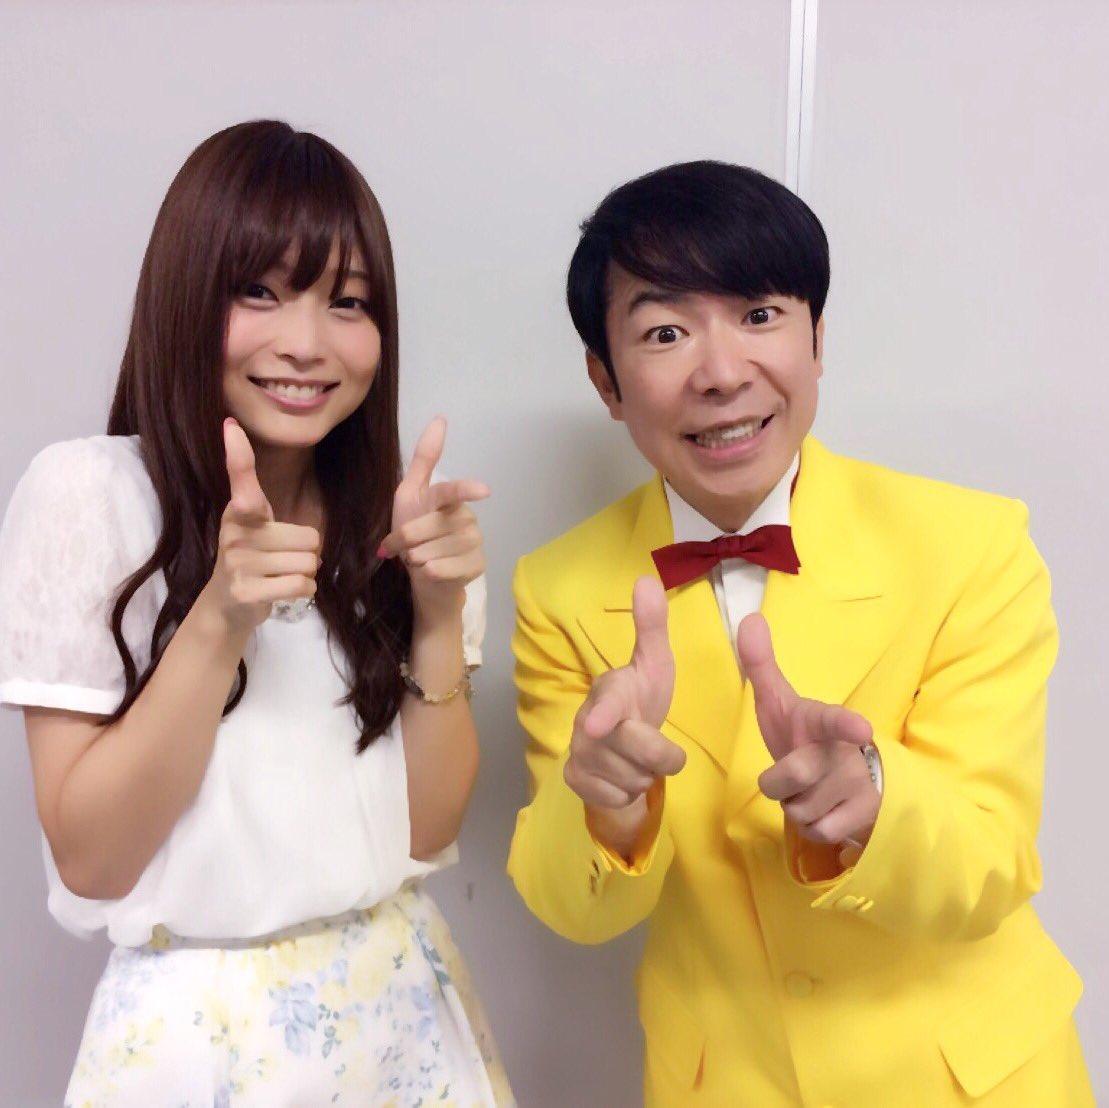 【庶民サンプル】スペシャルイベントにお越しくださったみなさま、本当にありがとうございましたっ!これからも、末長くよろしくお願いいたします♡(*´ワ`* ) サプライズゲストのダンディ坂野さまとゲッツ☆笑 #syomin_anime pic.twitter.com/V2meukhvEO